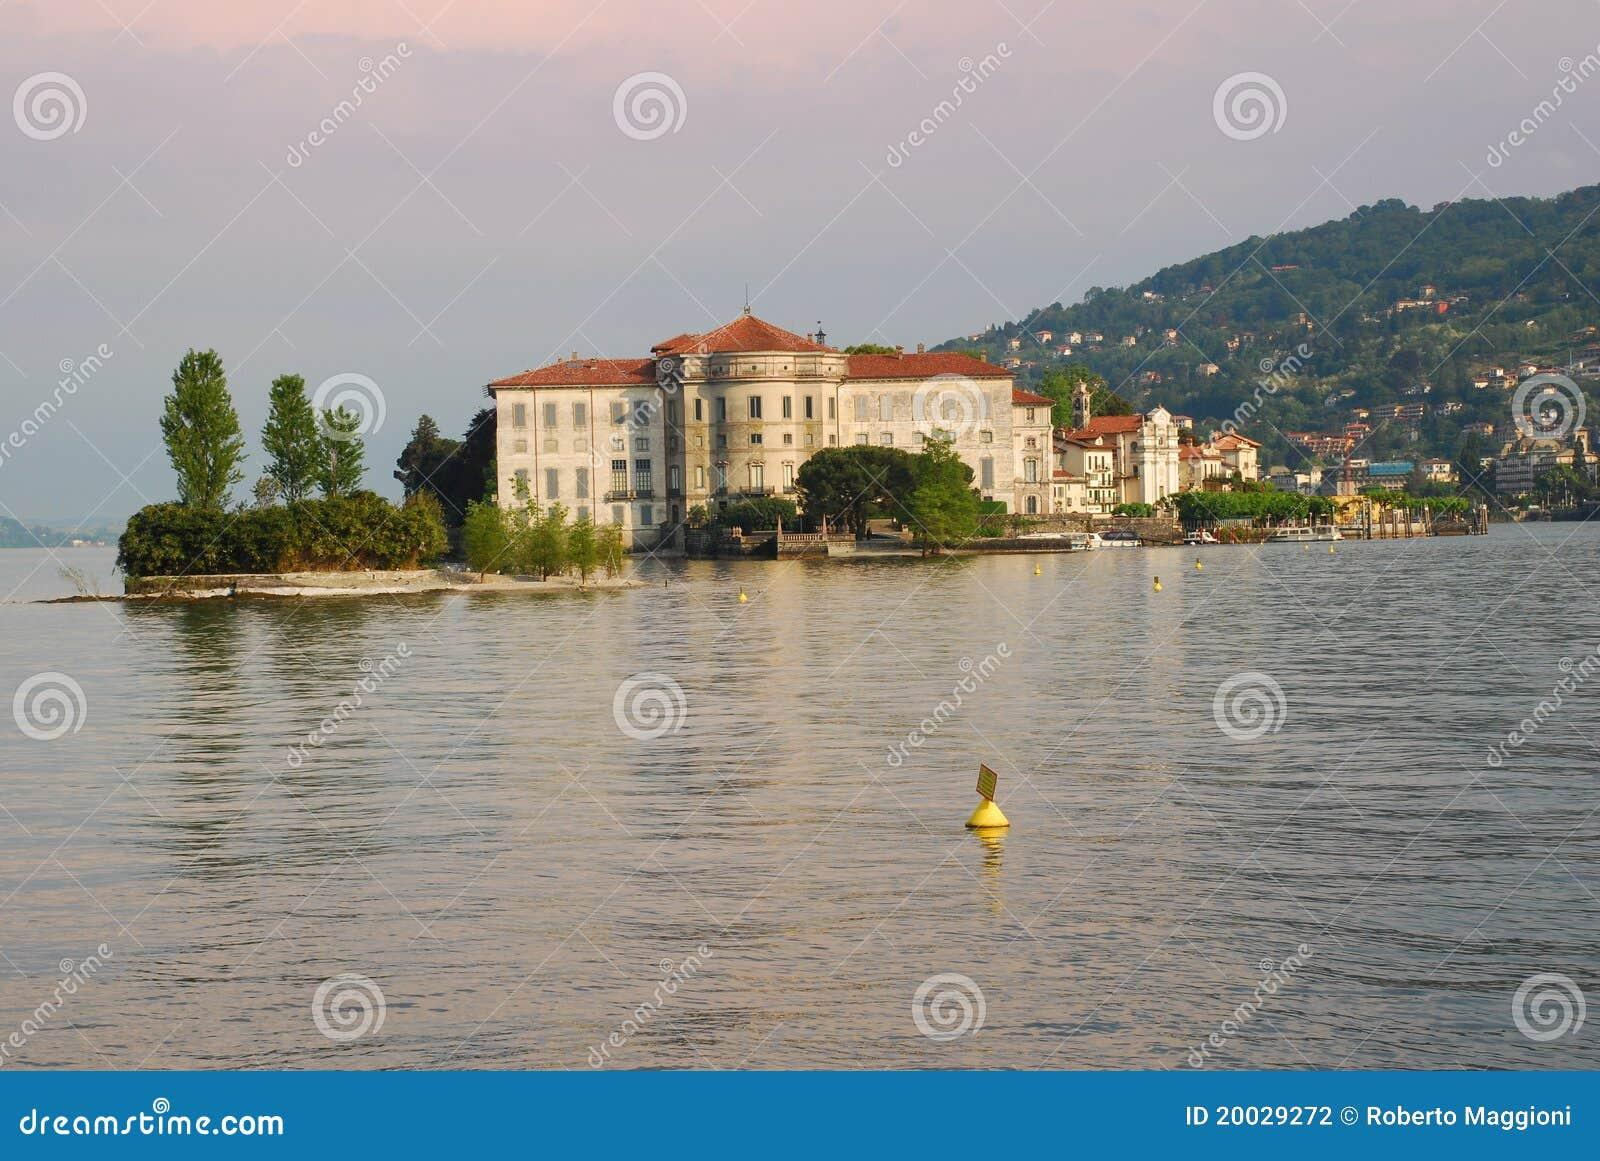 See Maggiore - Isola Bella